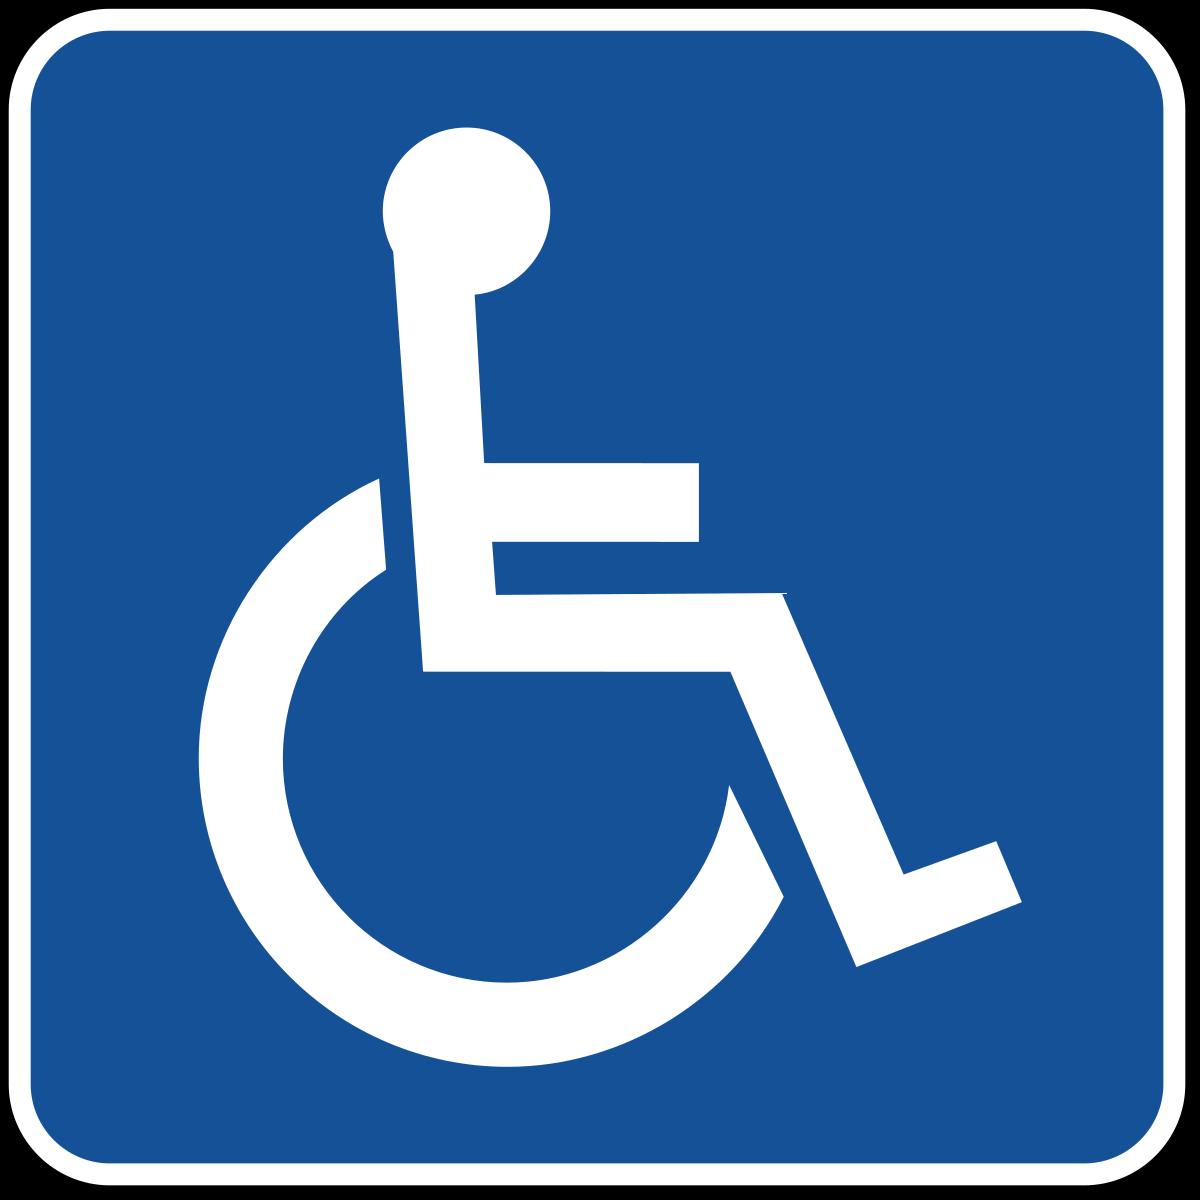 International symbol of access wikipedia buycottarizona